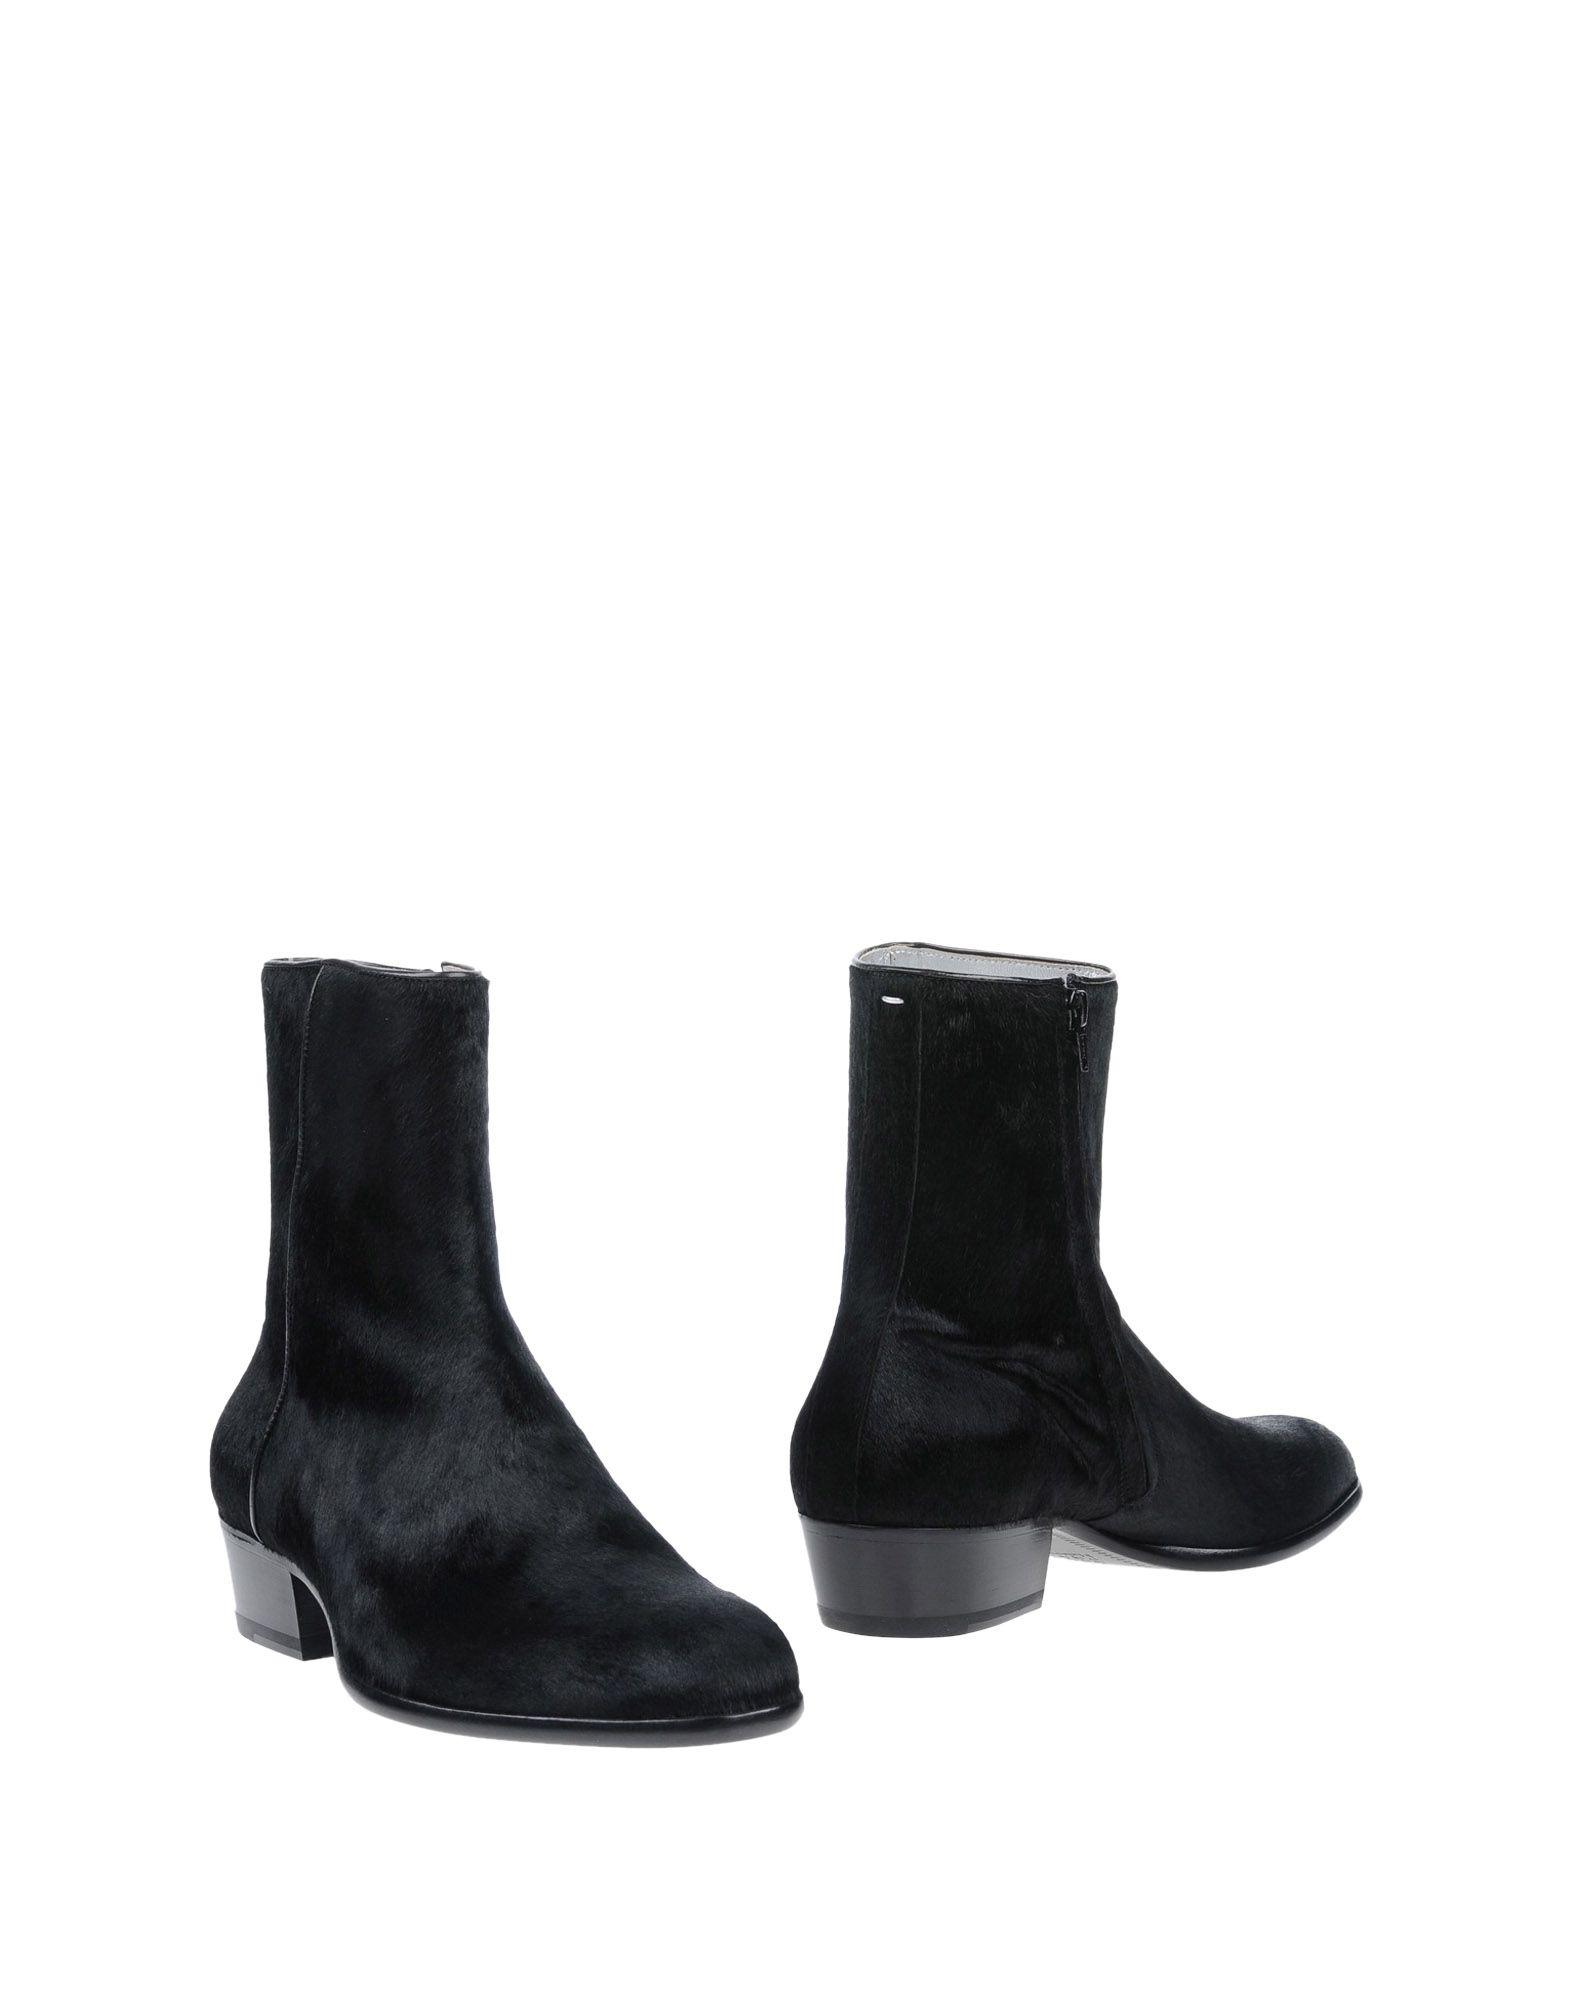 Maison Margiela Stiefelette Herren  11334434BI Gute Qualität beliebte Schuhe